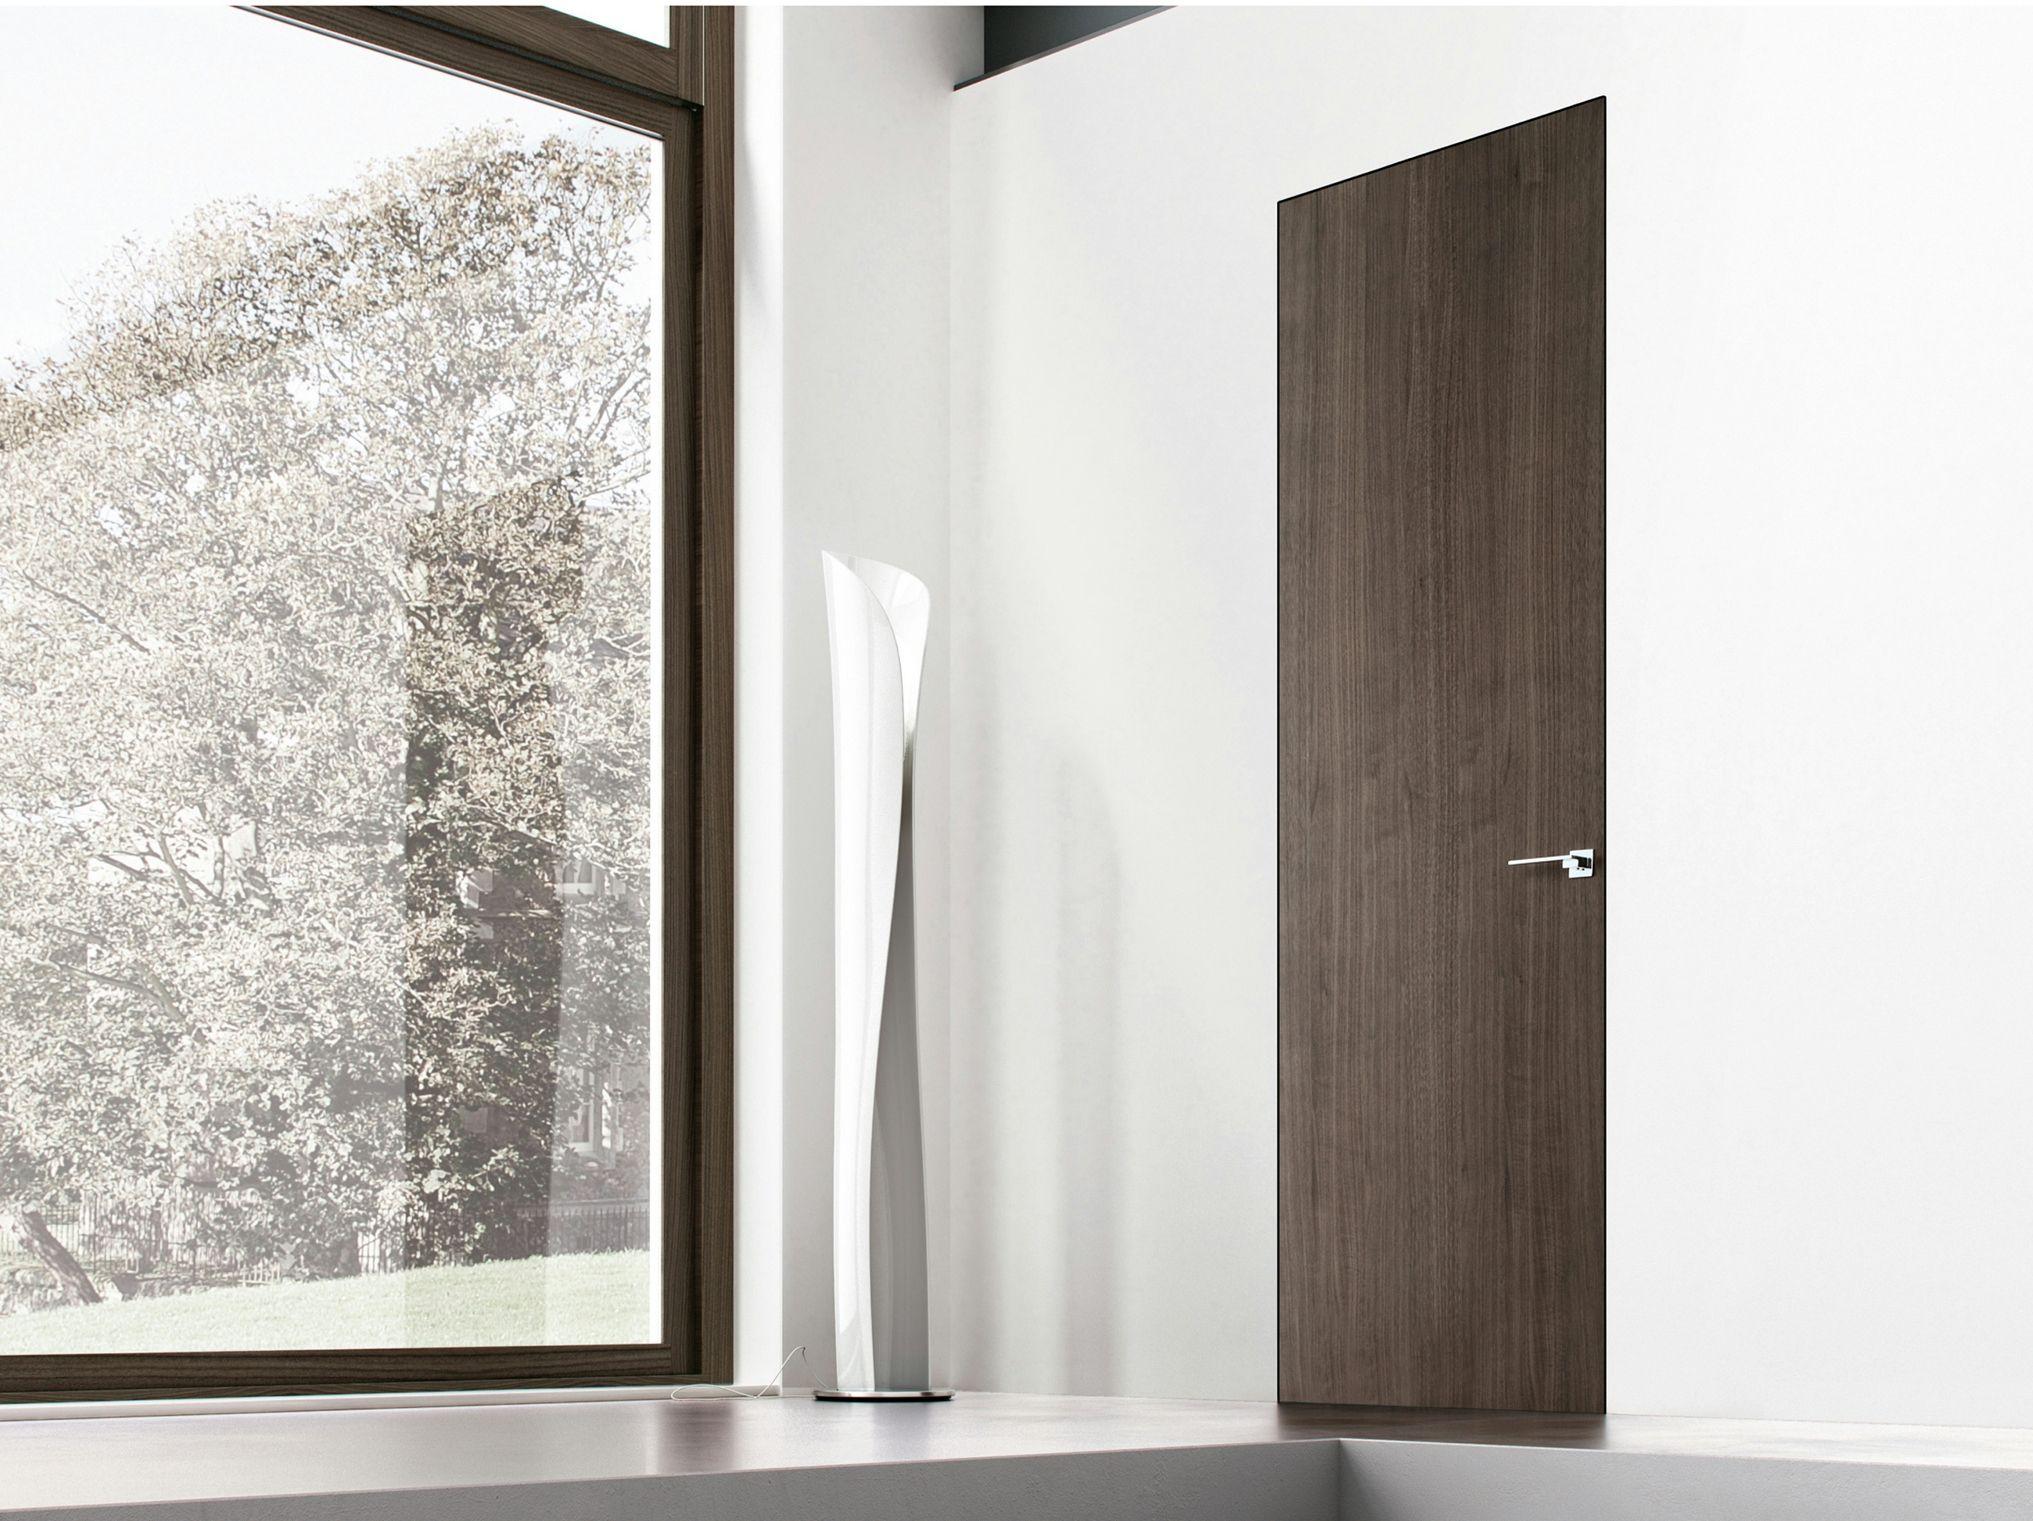 Hinged flush fitting door tabula by ghizzi benatti